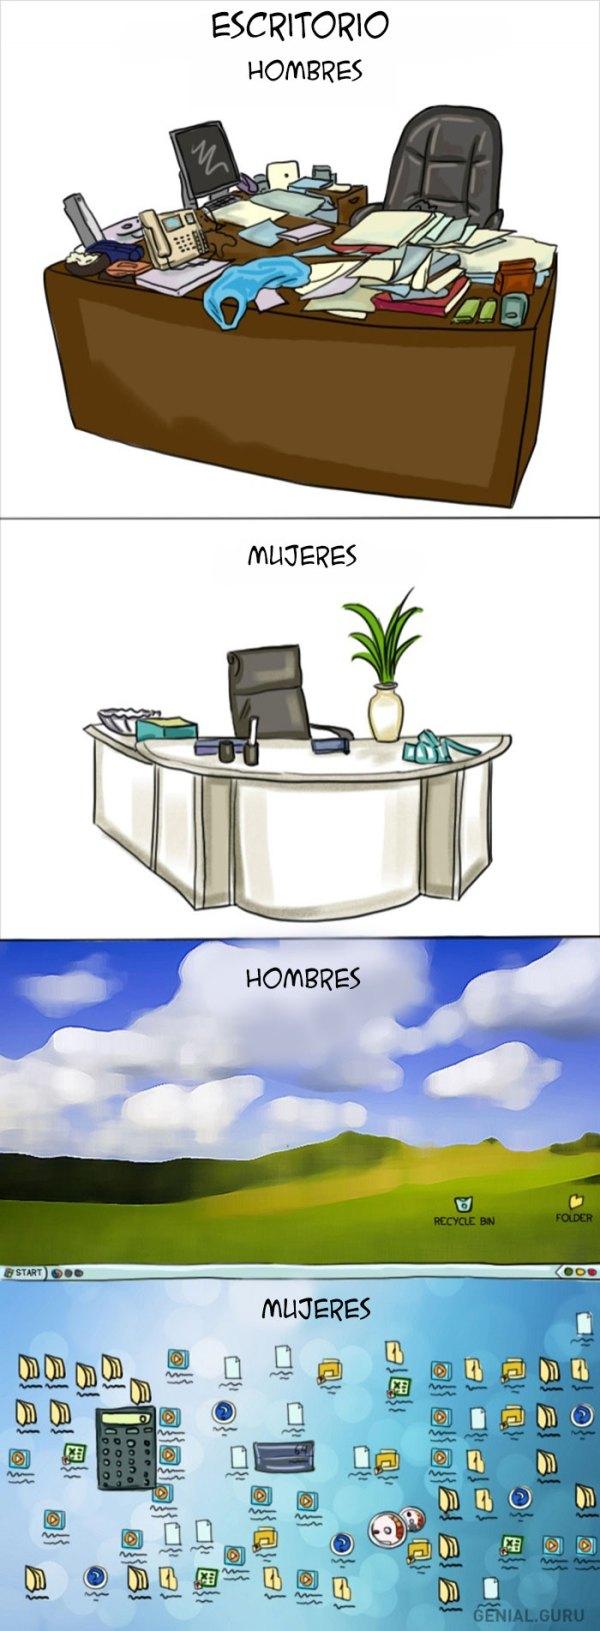 comic-diferencias-hombres-mujeres (1)